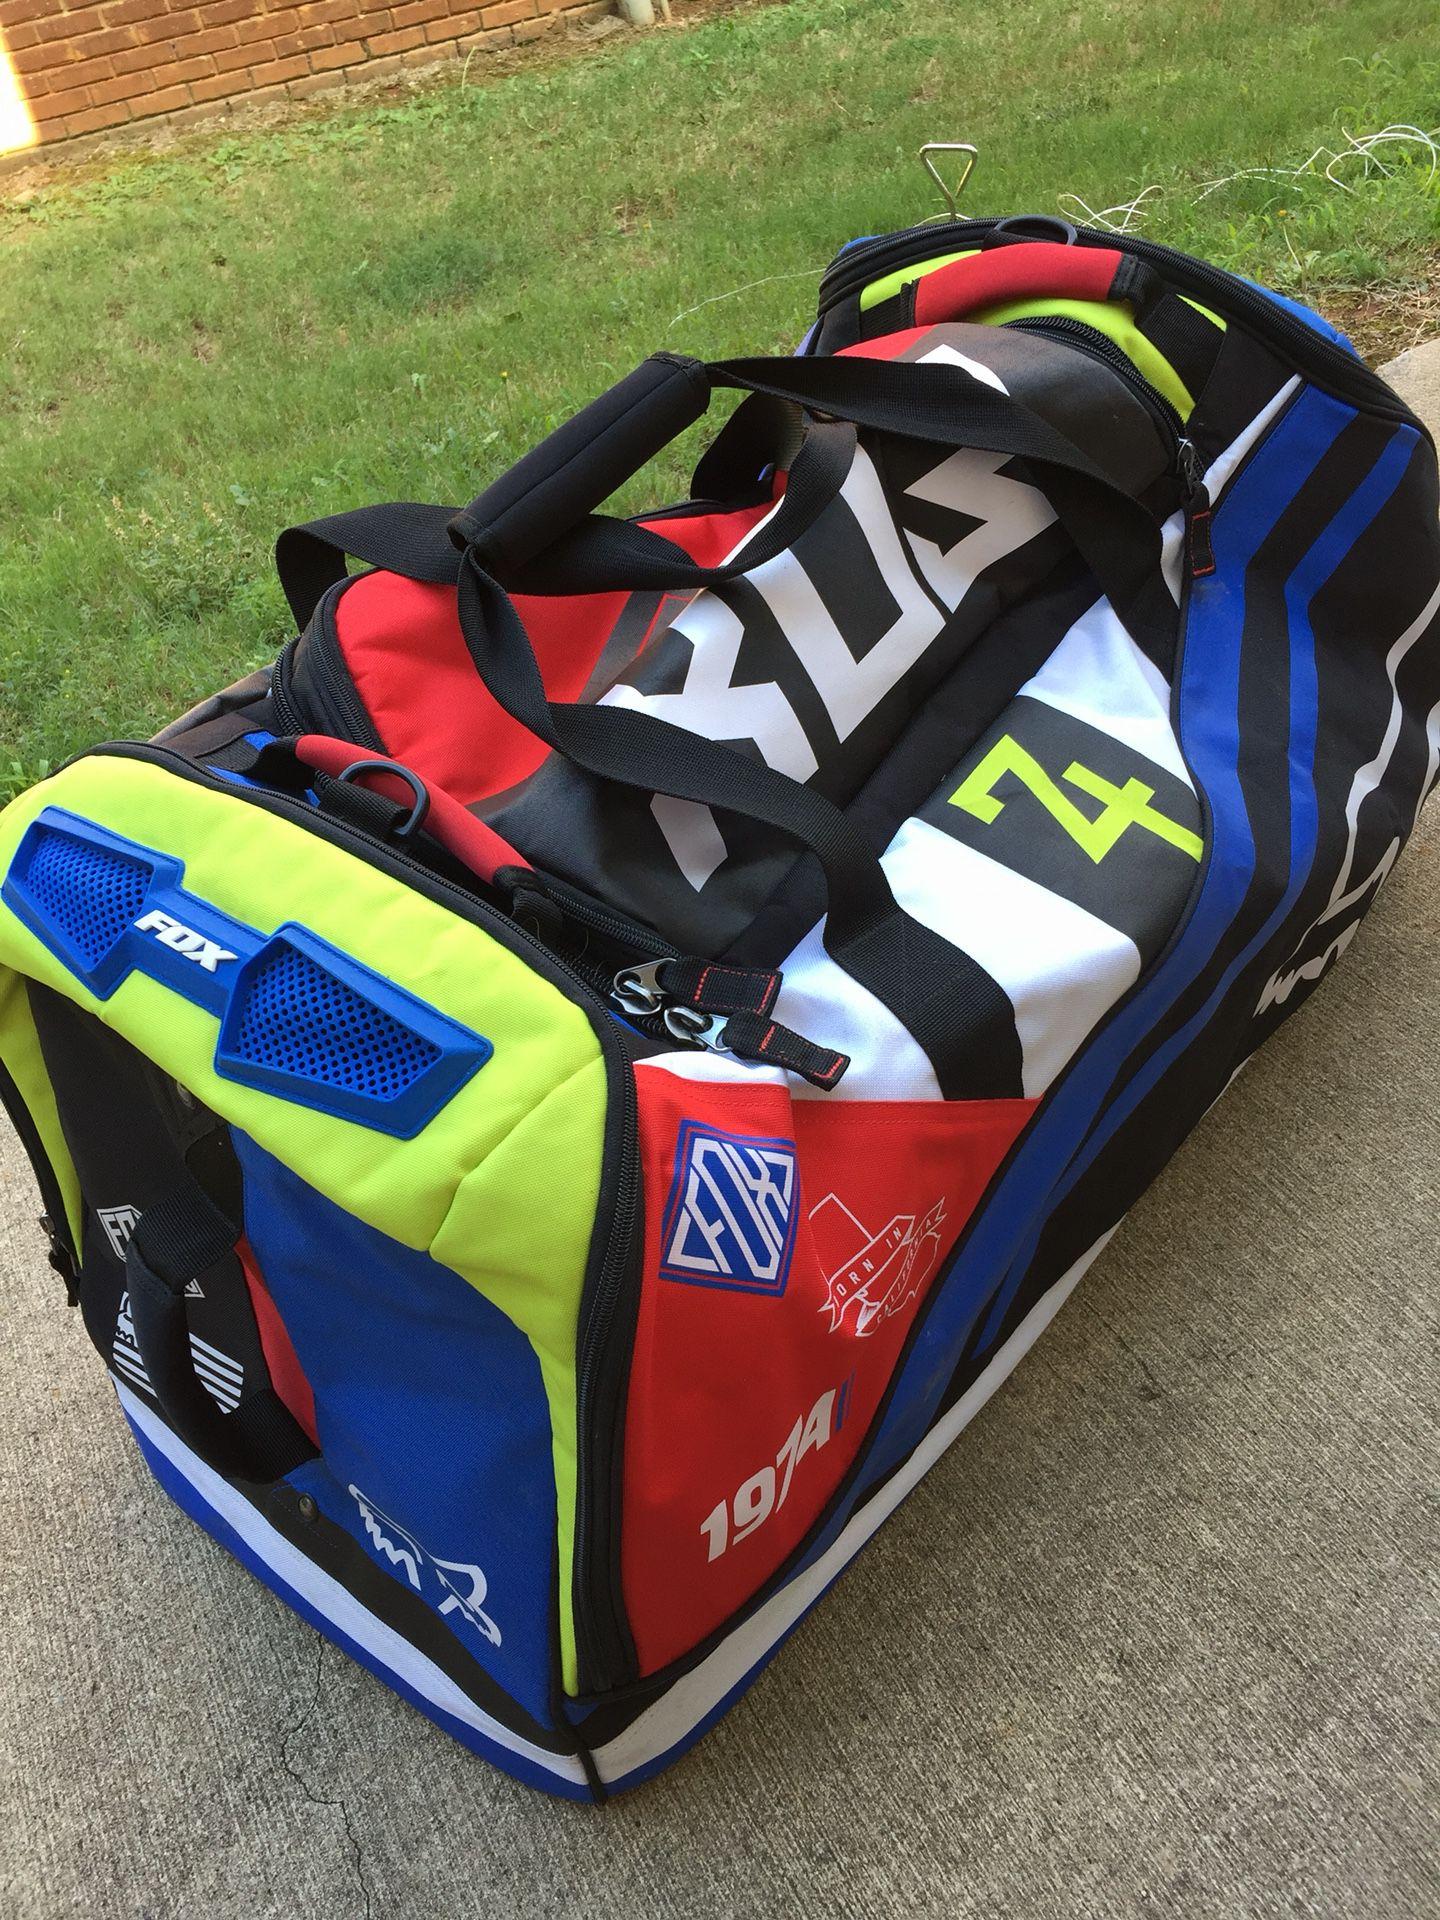 Fox motocross gear bag!!!!